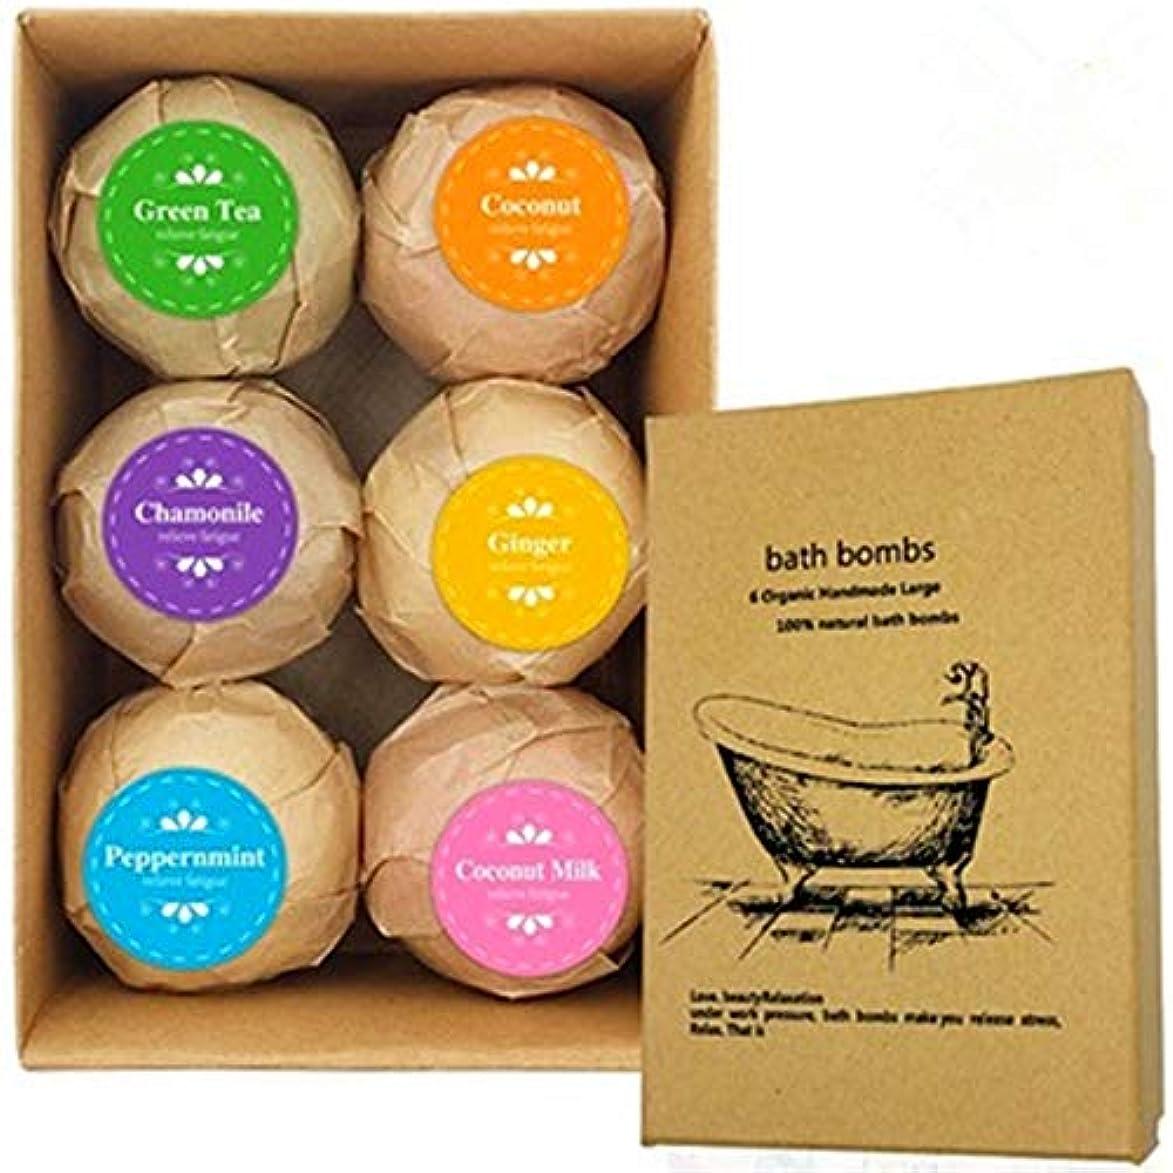 ディレクトリクリープタバコバスボム 入浴剤 炭酸 バスボール 6つの香り 手作り 入浴料 うるおいプラス お風呂用 入浴剤 ギフトセット6枚 贈り物 プレゼント最適